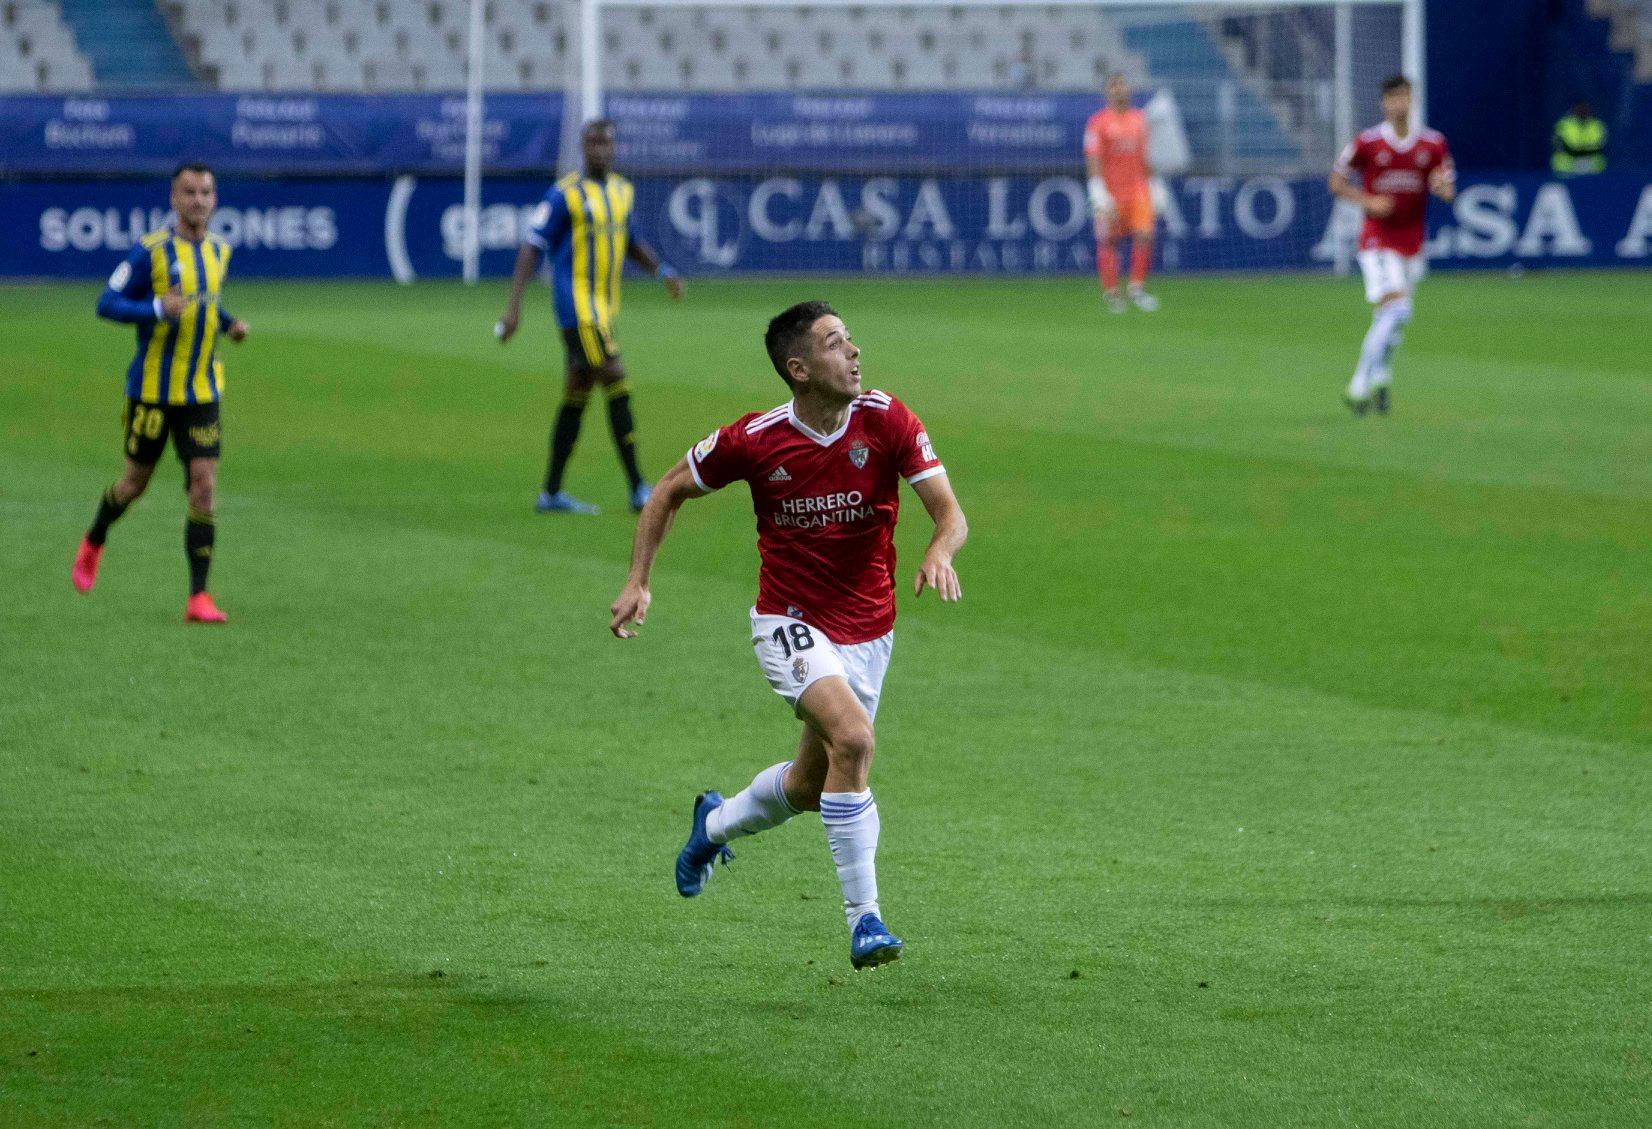 Real Oviedo 0 - SD Ponferradina 0. La Deportiva regresa de Oviedo con la sensación de haber dejado escapar los tres puntos 4